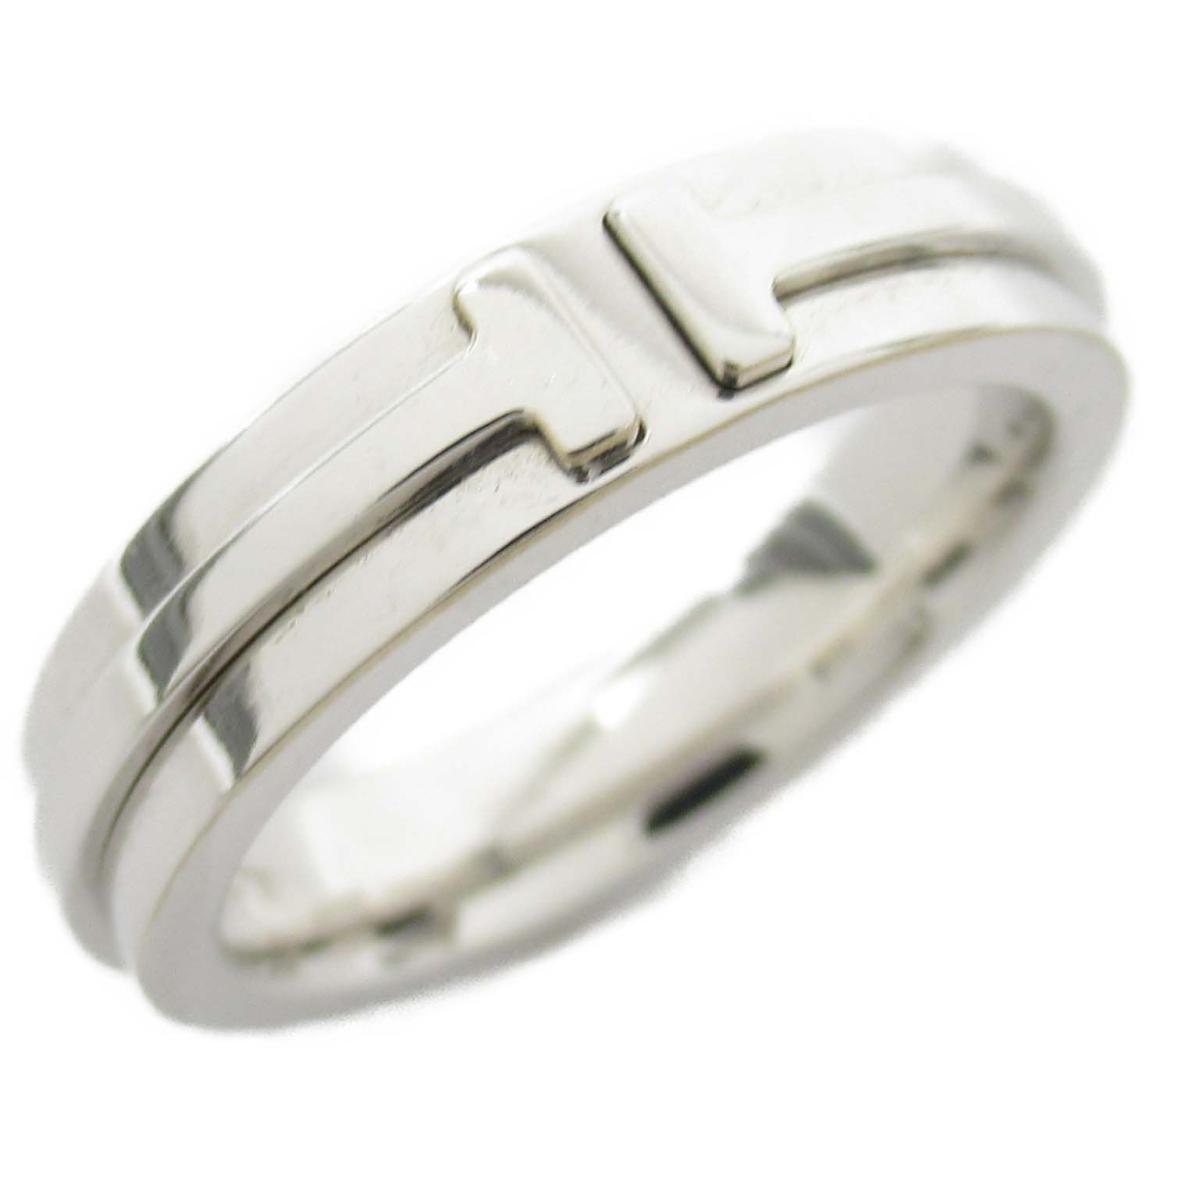 ティファニー T TWO ナローリング リング 指輪 ブランドジュエリー レディース K18WG (750) ホワイトゴールド 【中古】 | TIFFANY&CO BRANDOFF ブランドオフ ブランド ジュエリー アクセサリー